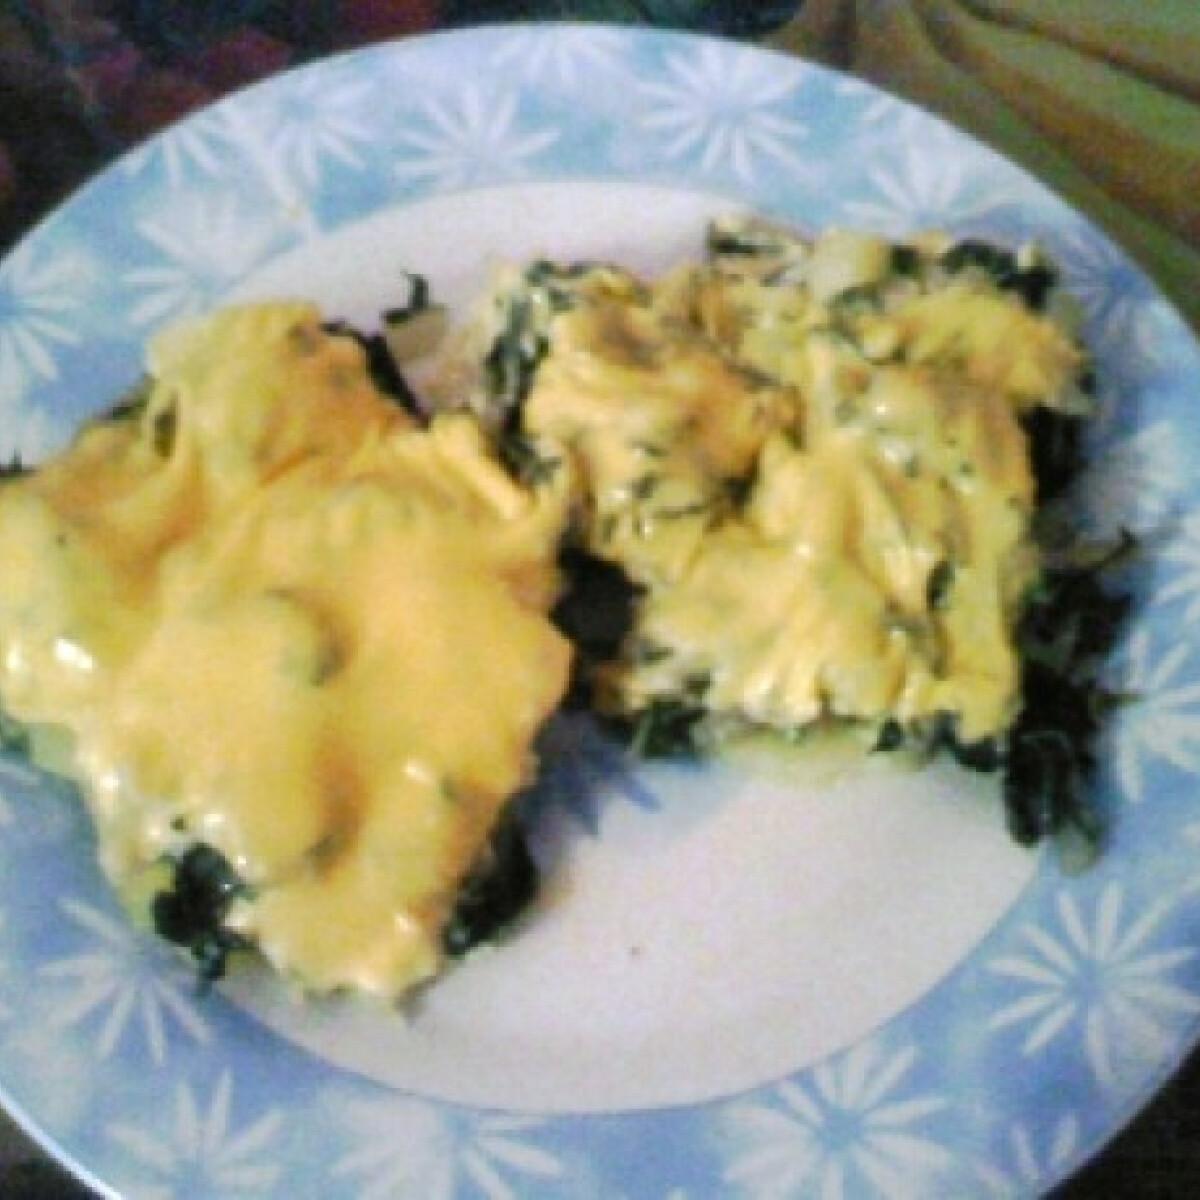 Ezen a képen: Mángoldos krumpli sajttal